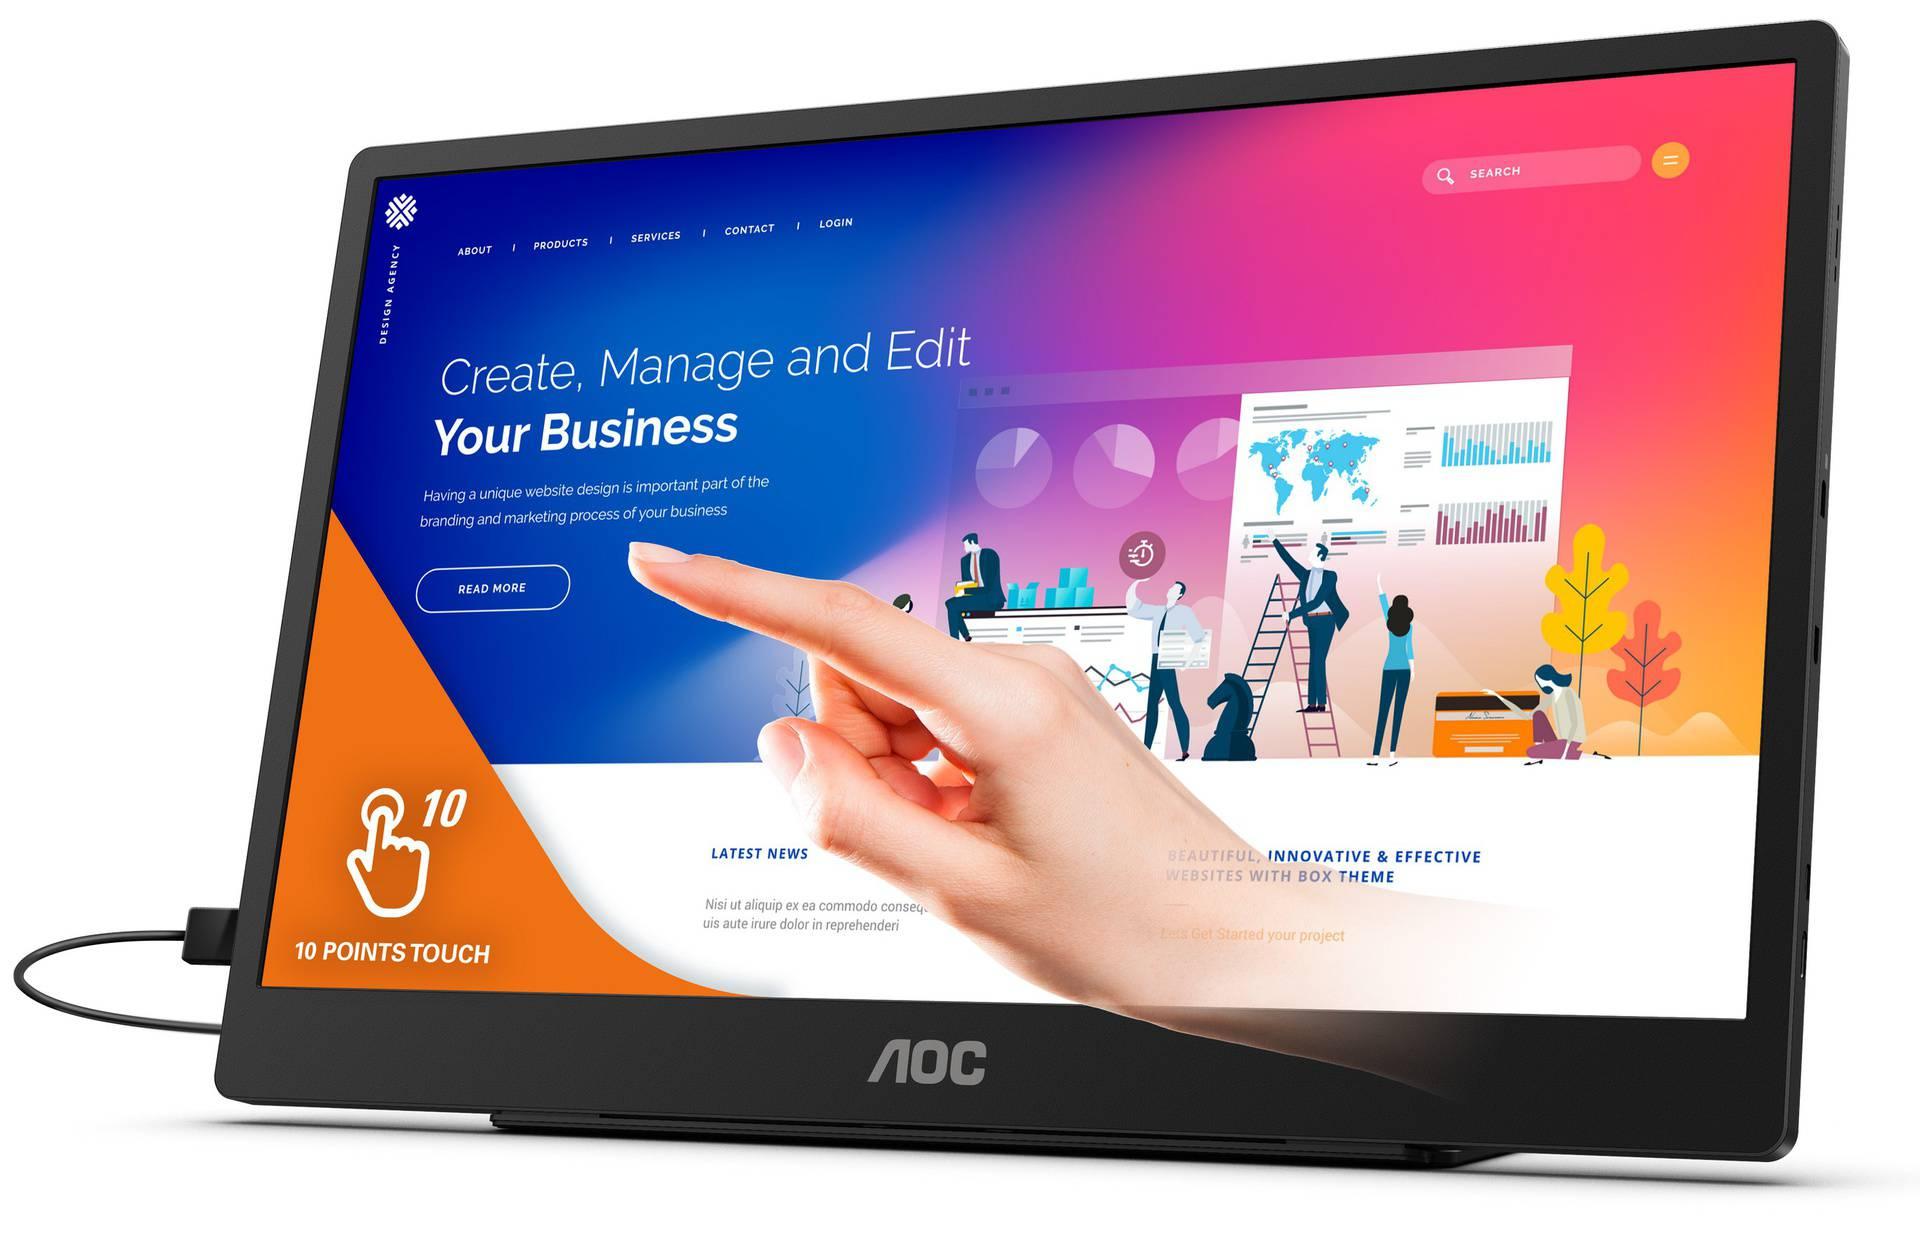 AOC najavio prijenosni monitor koji može puniti vaše gadgete